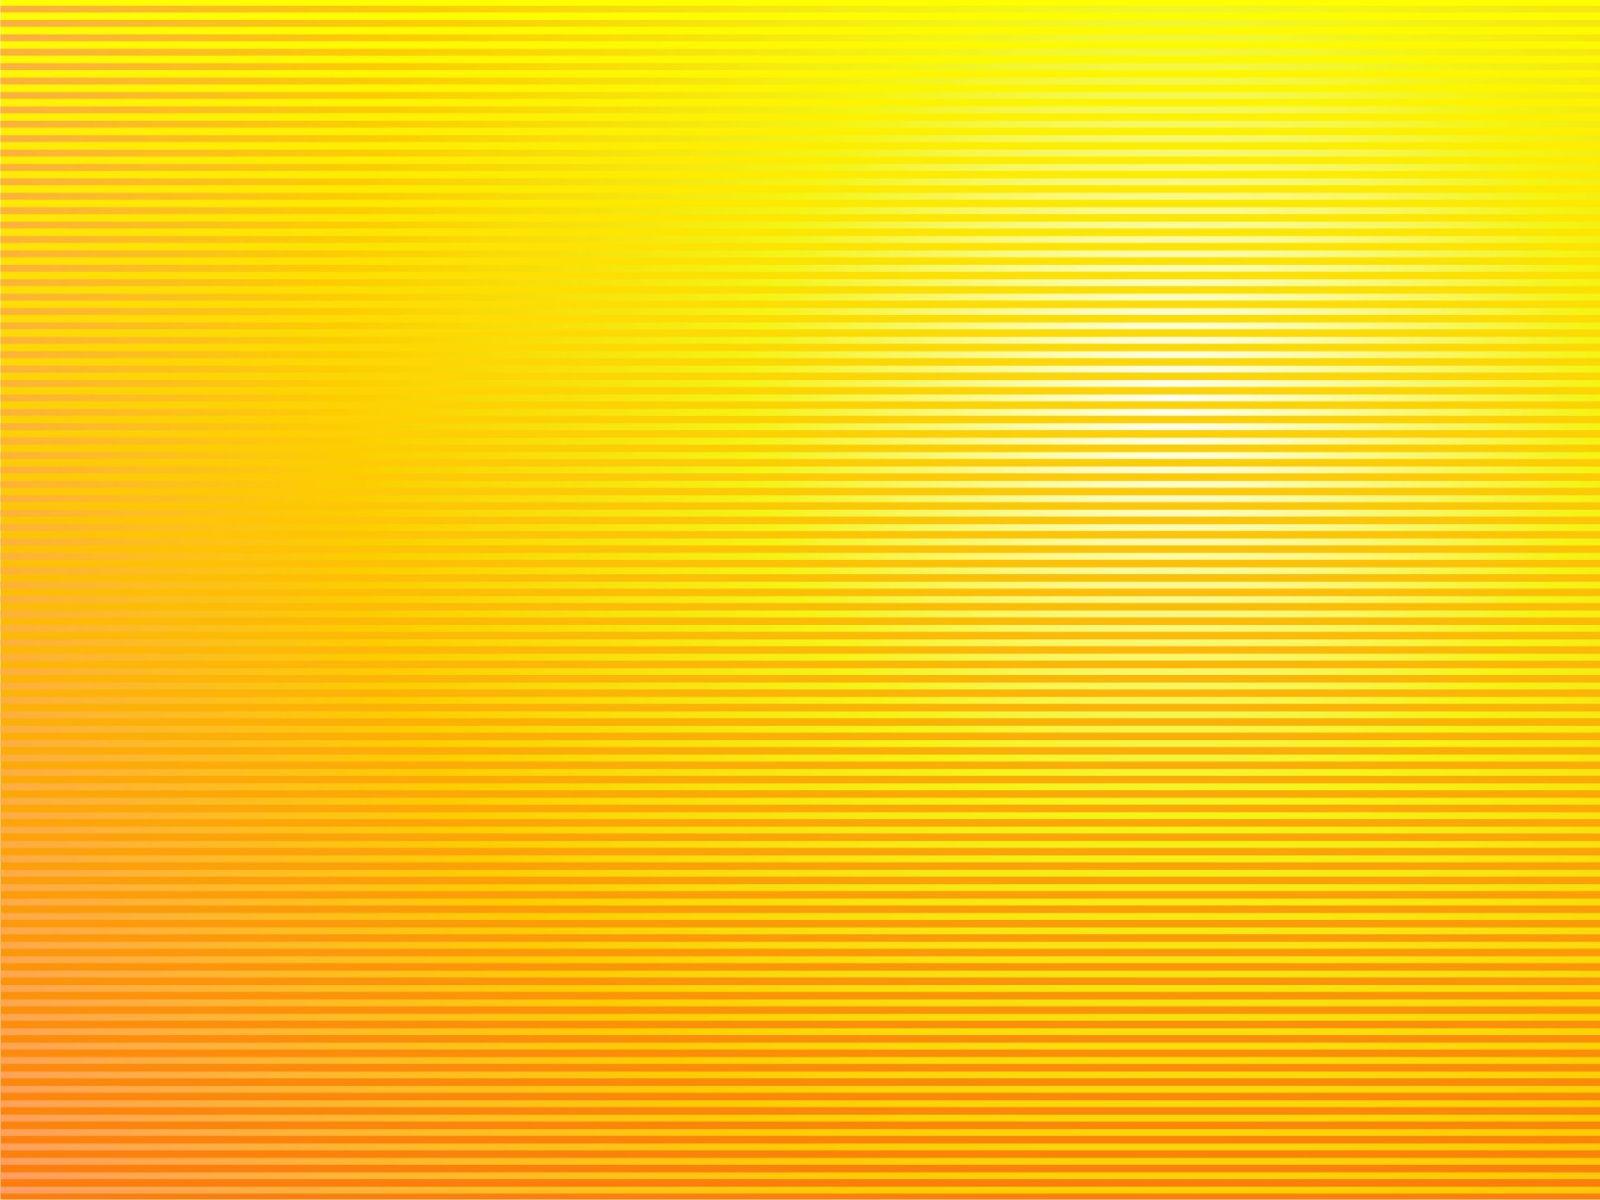 بالصور خلفية صفراء , اجمل الصور و الخلفيات باللون الاصفر 3454 12